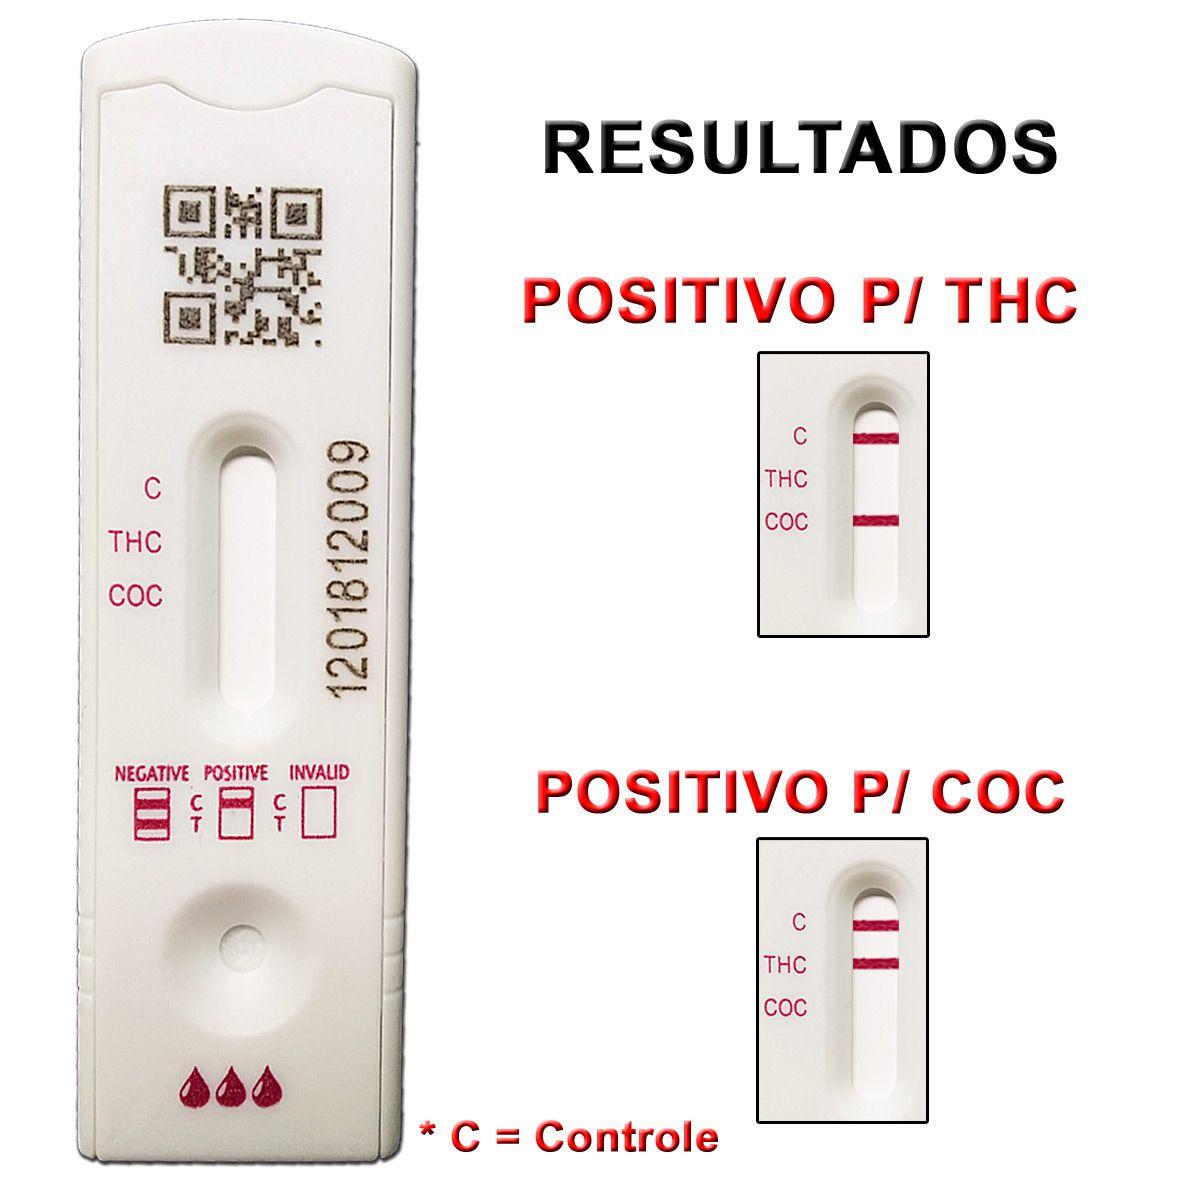 10 Kits para testes de COC + THC  - Testes Para Drogas e COVID-19. Máscaras e Como Parar de Beber e Fumar